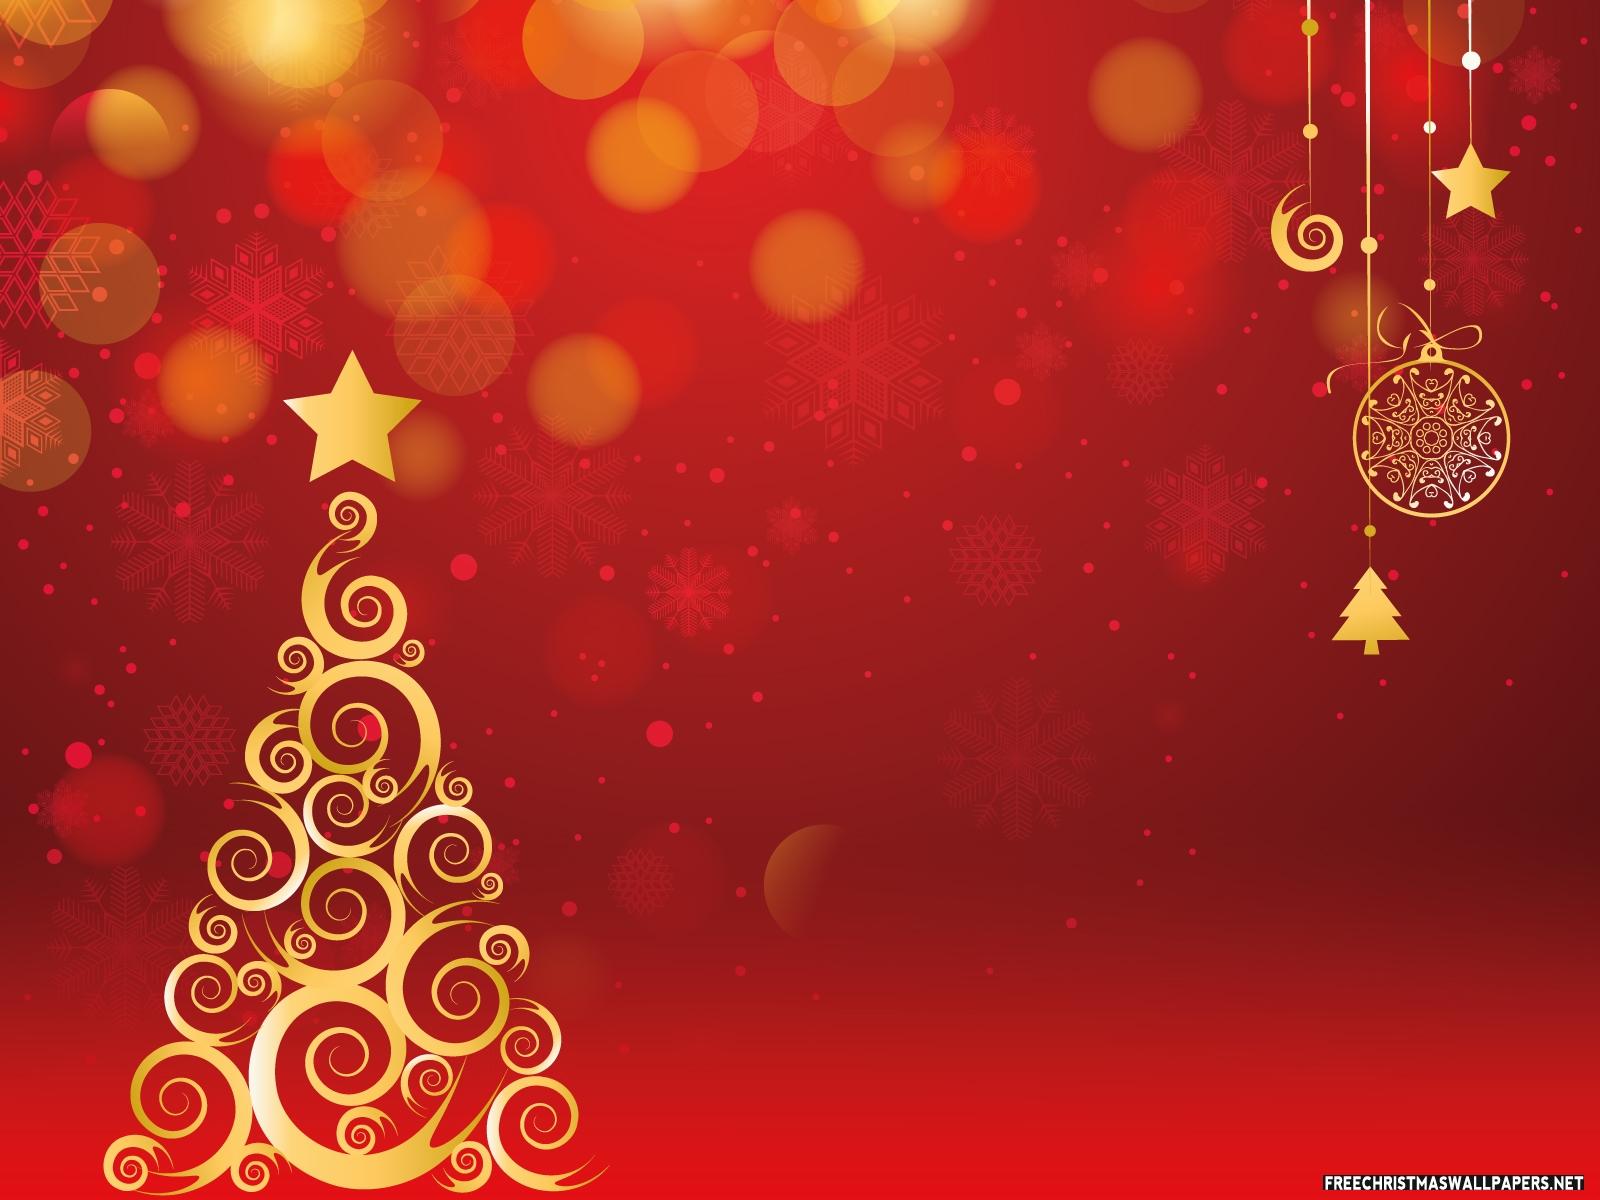 Anteriorsiguiente Fondo Navideño Elegante: Wallpapernarium: Arbol De Navidad